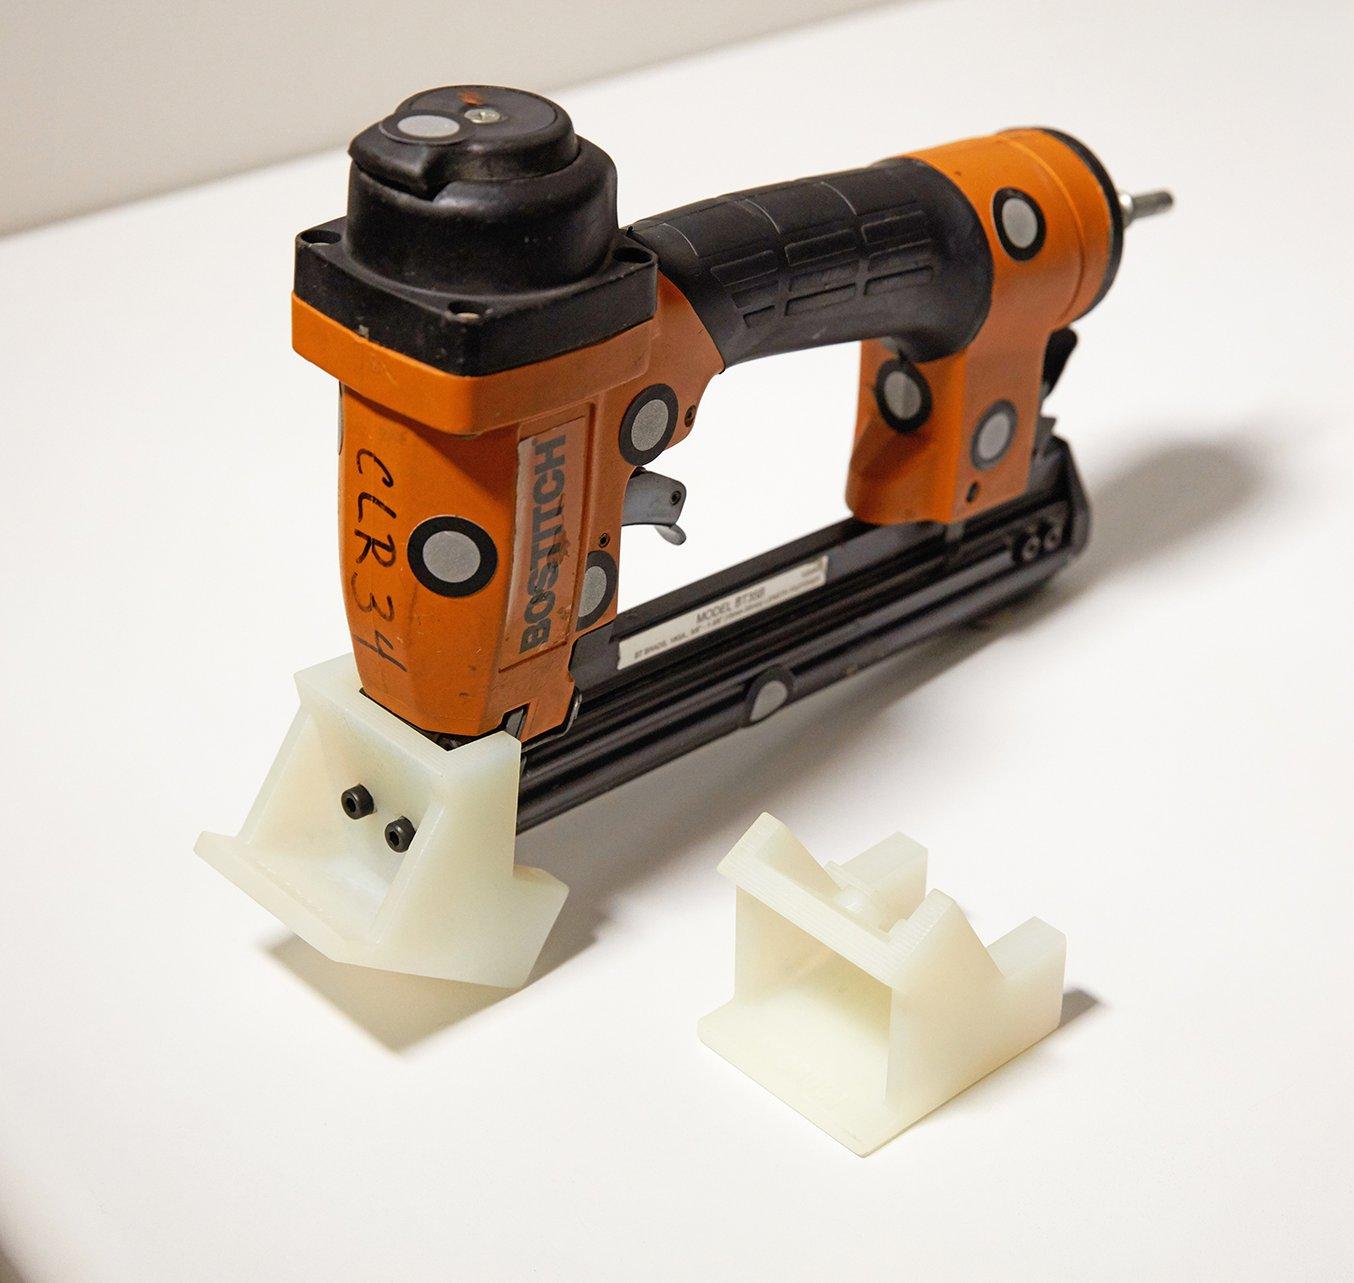 Gli ingegneri di prodotto di Ashley Furniture hanno sviluppato e stampato in 3D adattatori per gli strumenti personalizzati, in modo da garantire che chiodi e cambrette si trovino sempre nella stessa posizione negli armadi. L'adattatore per strumenti raffi